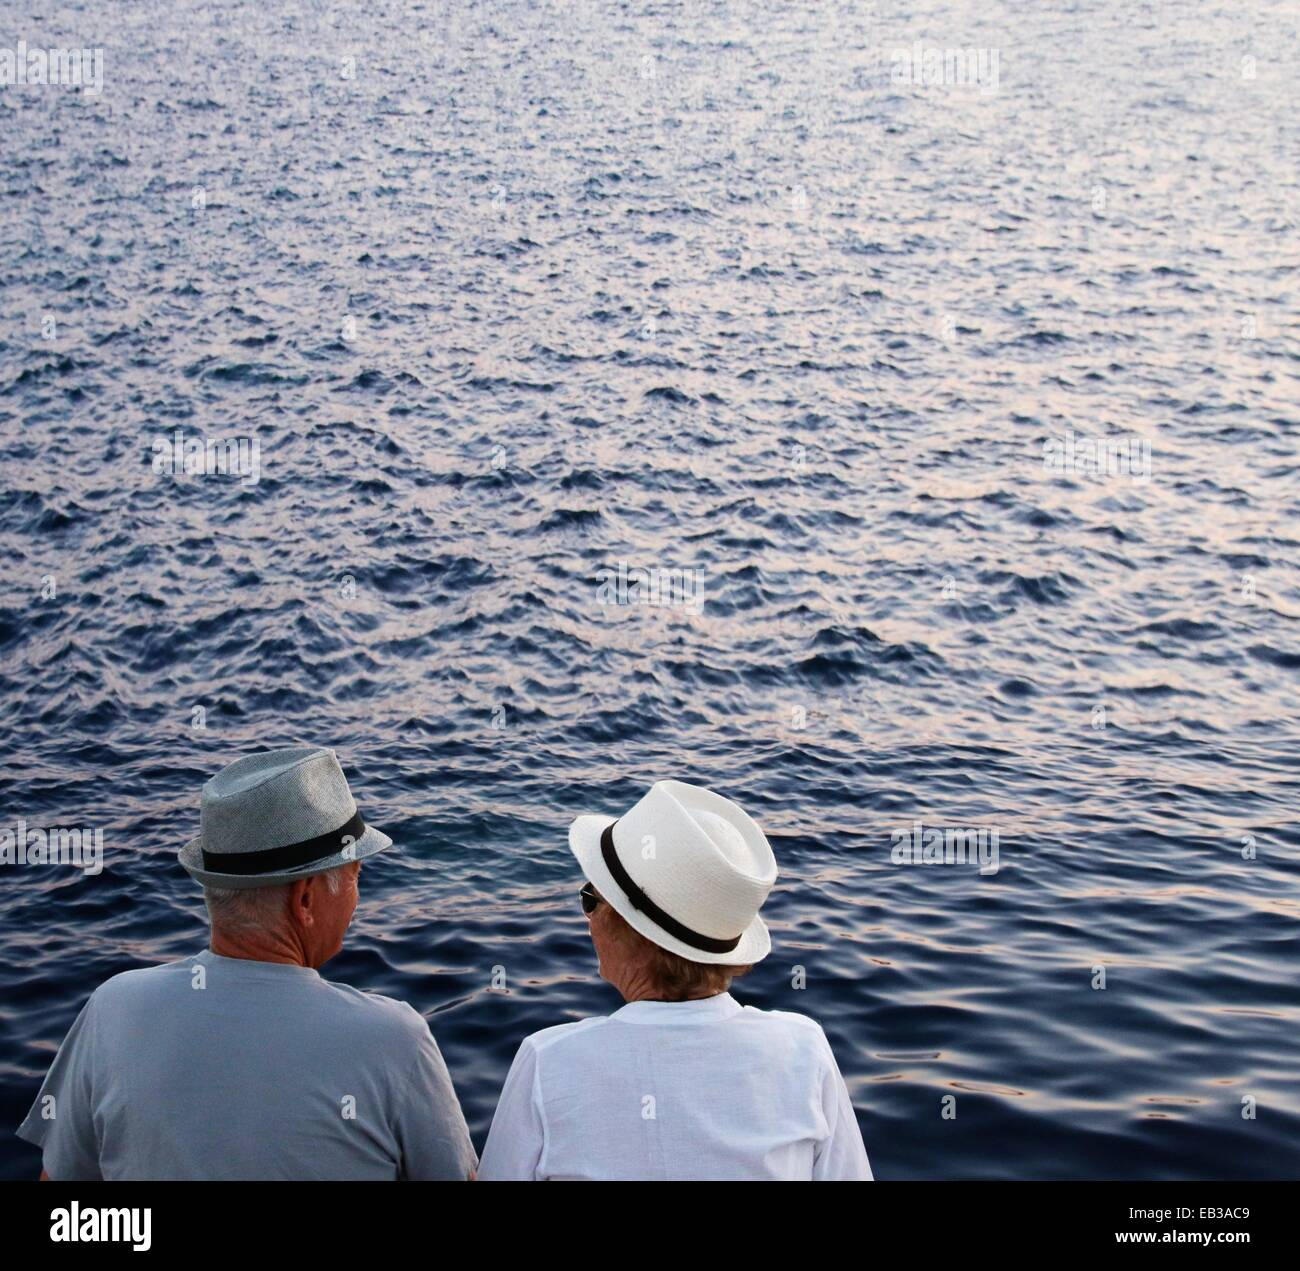 L'Italia, Sardegna, Giovane con cappelli guardando il mare Immagini Stock